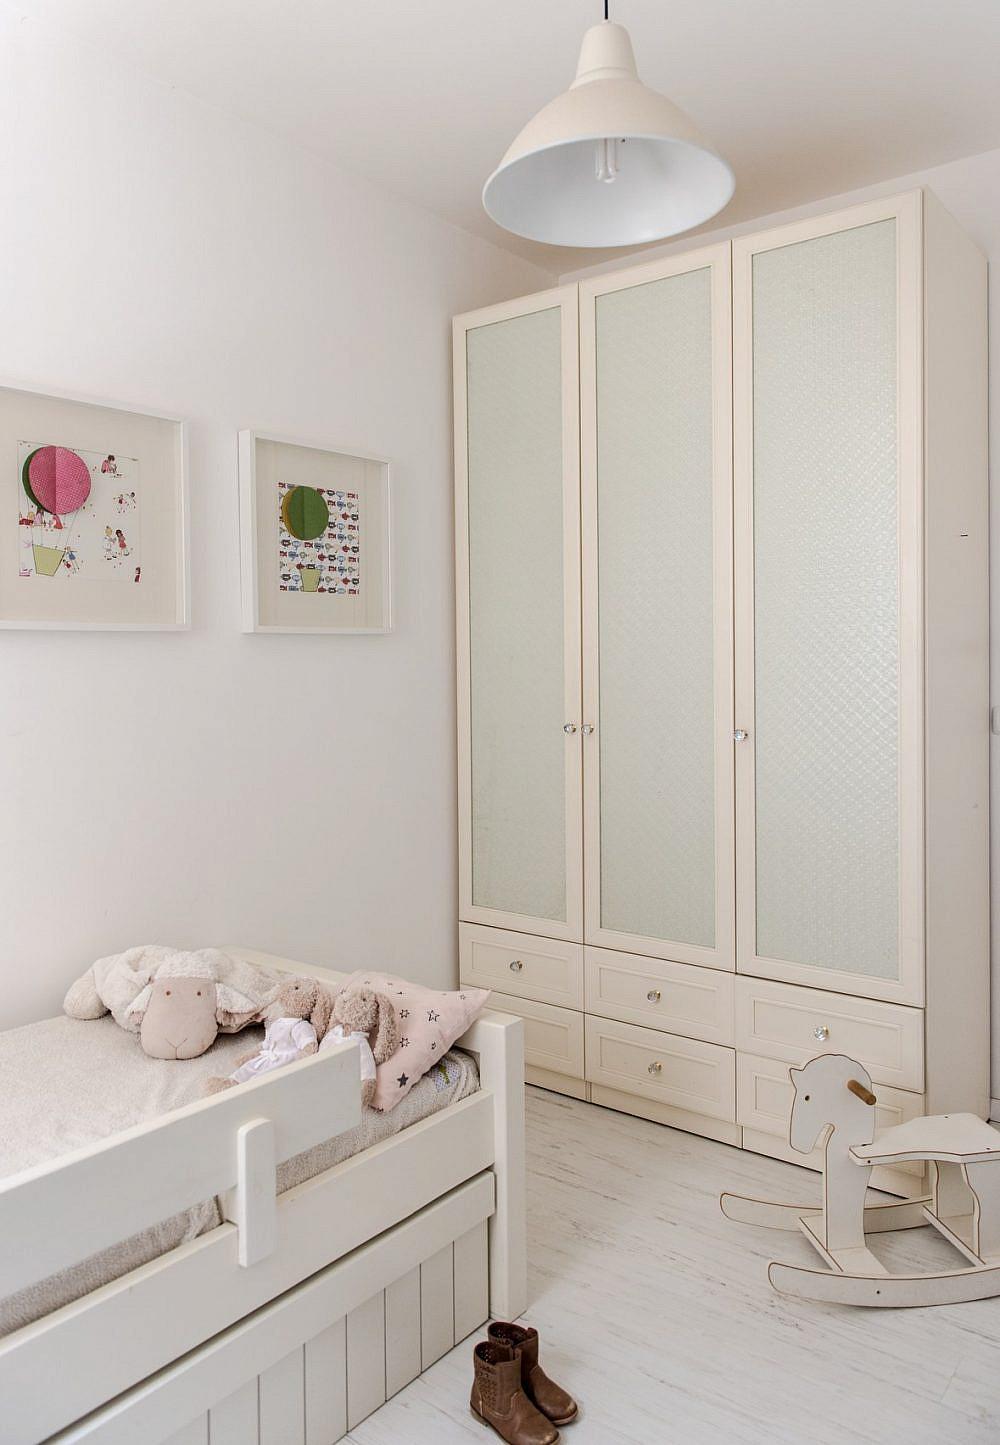 """ארונות ריביירה – ארון חדר ילדים. וינטג' שיק בהתאמה אישית, דגם אלפא, מחיר 5,990 ש""""ח   צילום: גלעד רדט, סטיילינג: אורנה מזור"""